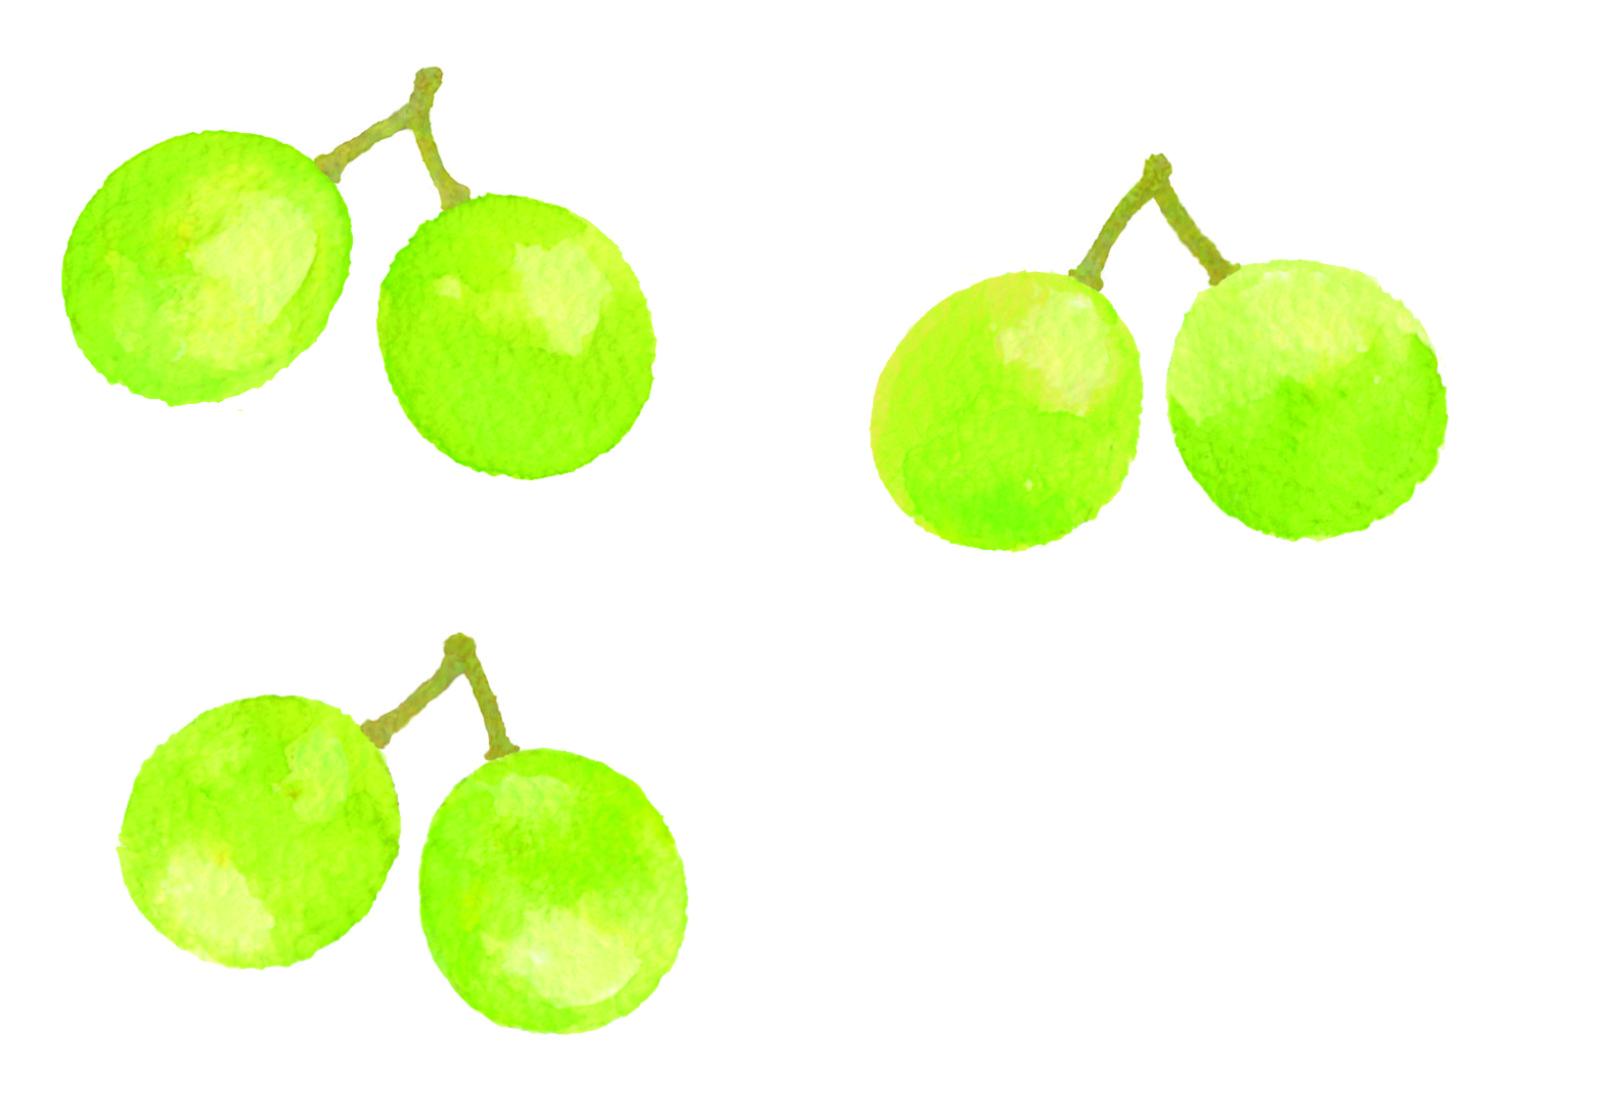 マスカット果実